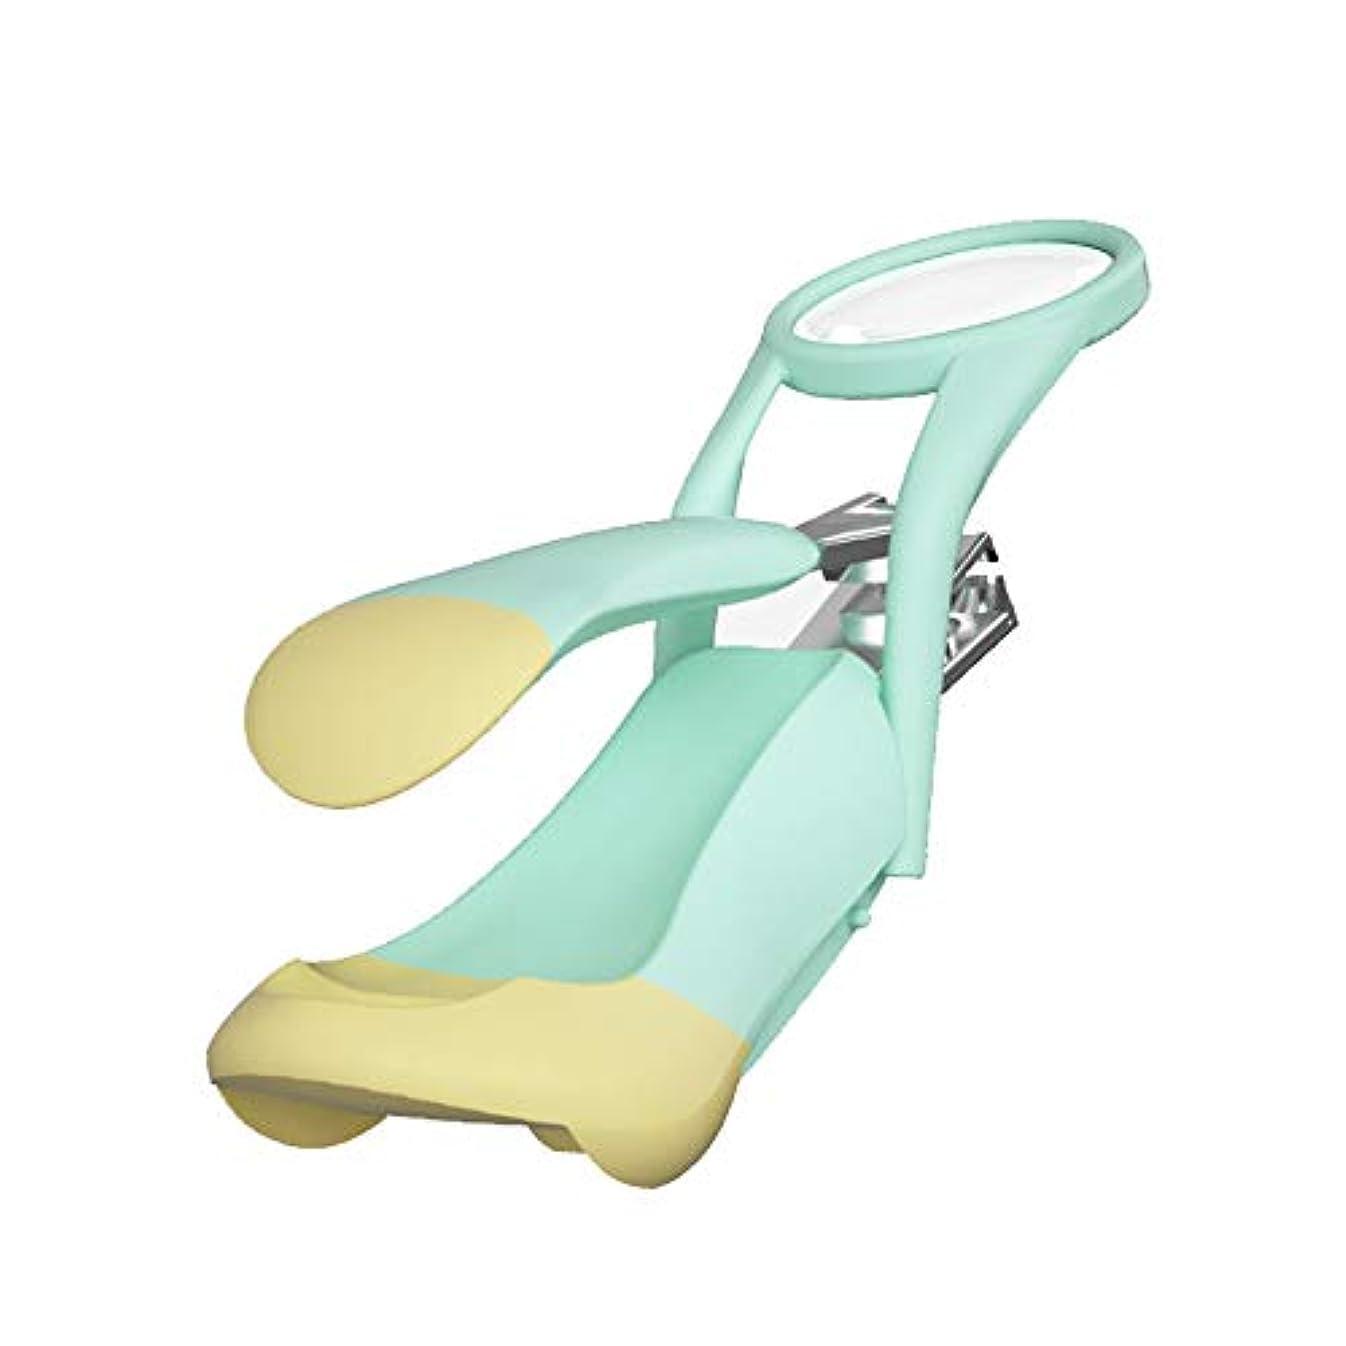 薄いです侵入報復するネイルニッパー, 爪クリッパー老人とベビーセーフネイルケアデラックスネイルクリッパー拡大鏡付き 厚くまたは陥入した足指の爪用 (色 : 緑)